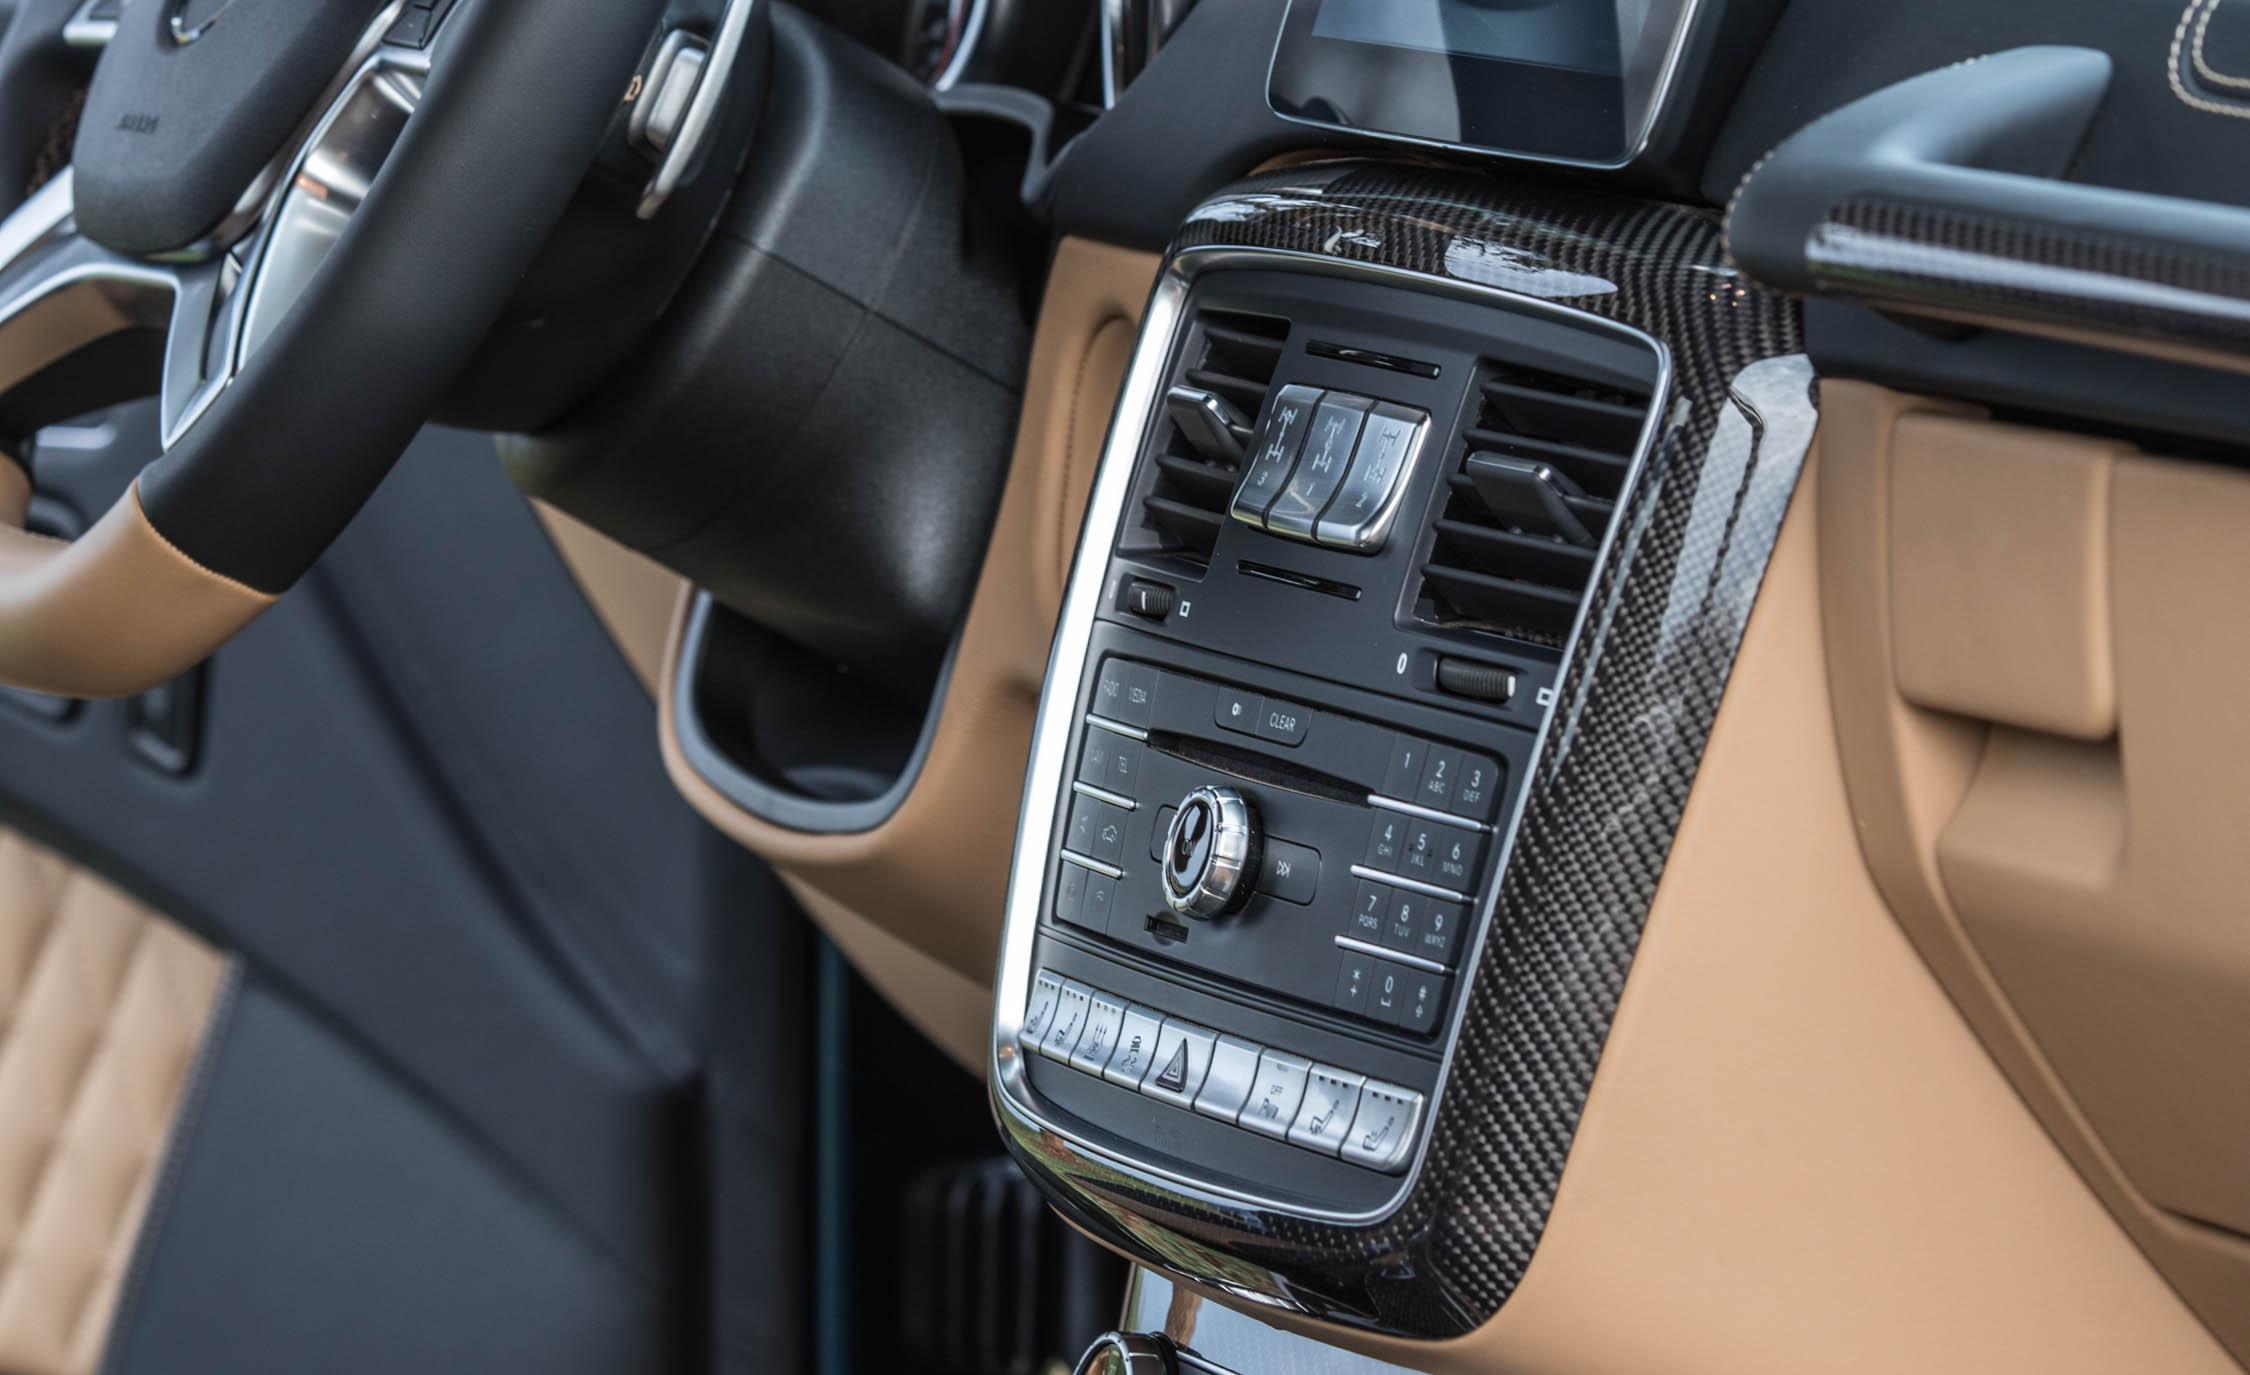 2018 maybach g650. delighful 2018 2018 mercedes maybach g650 landaulet interior front dashboard panels photo  36 of 52 and maybach g650